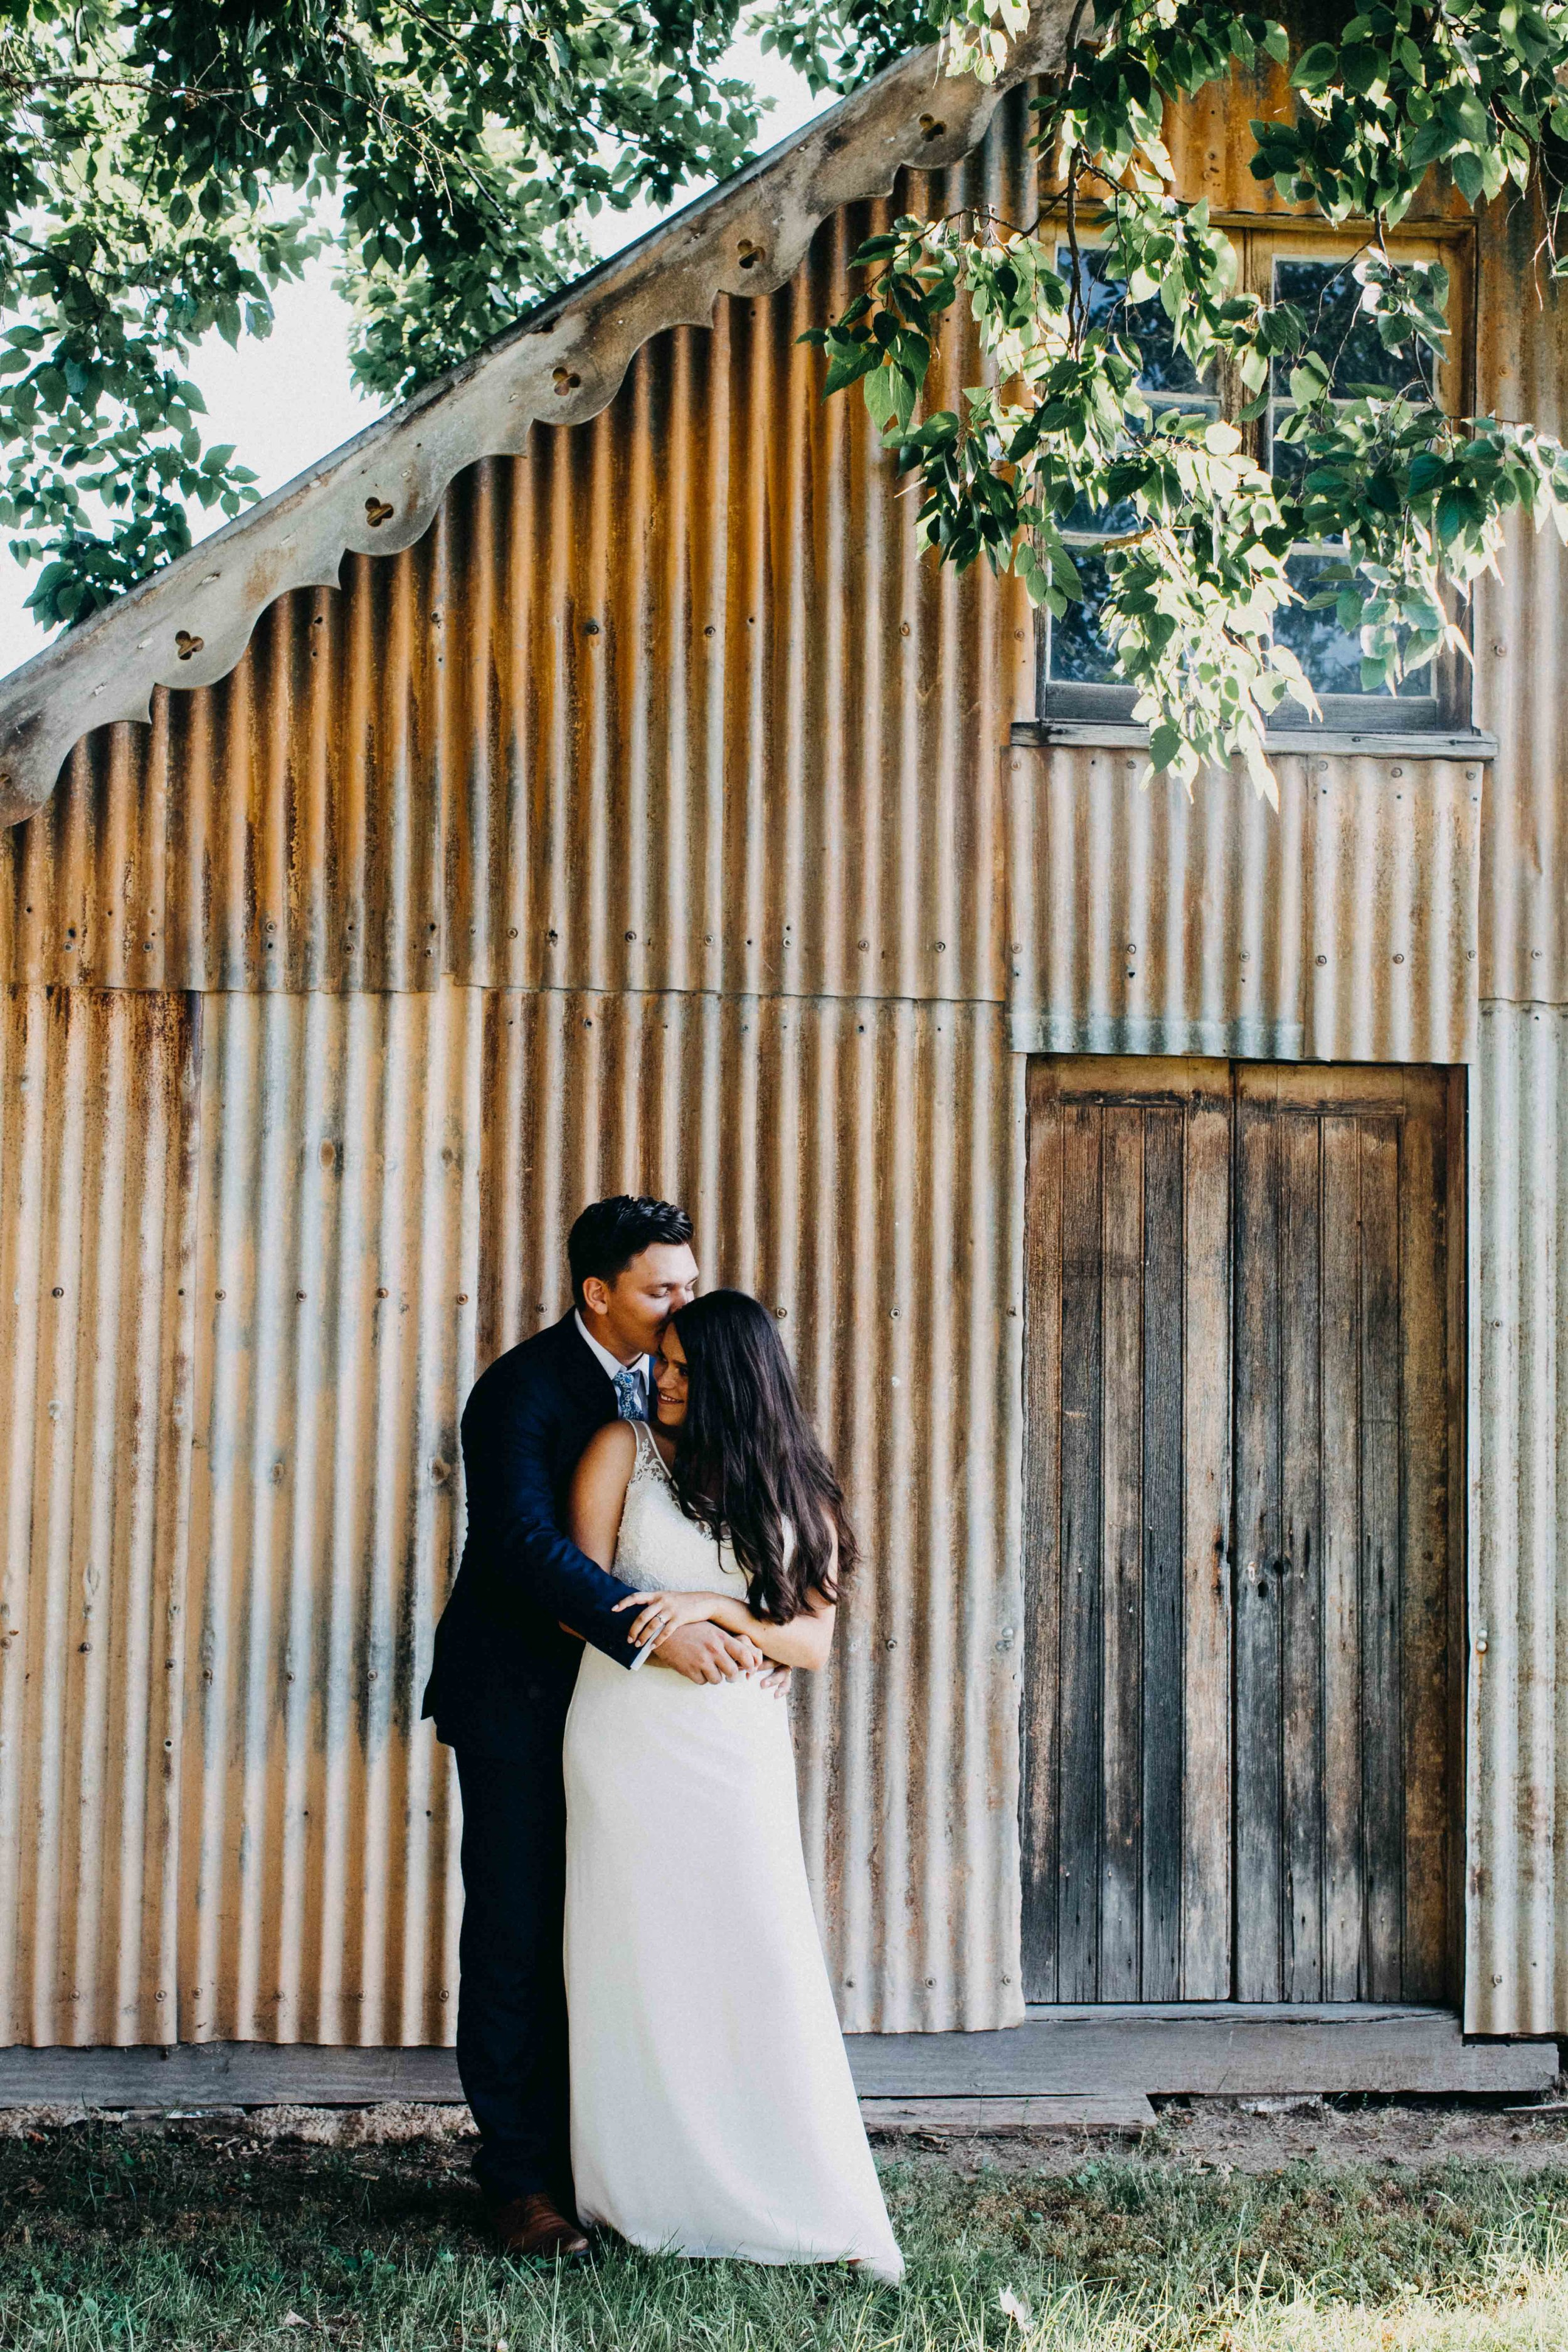 www.emilyobrienphotography.net-belgenny-farm-wedding-camden-photography-maddie-andrzej-142.jpg